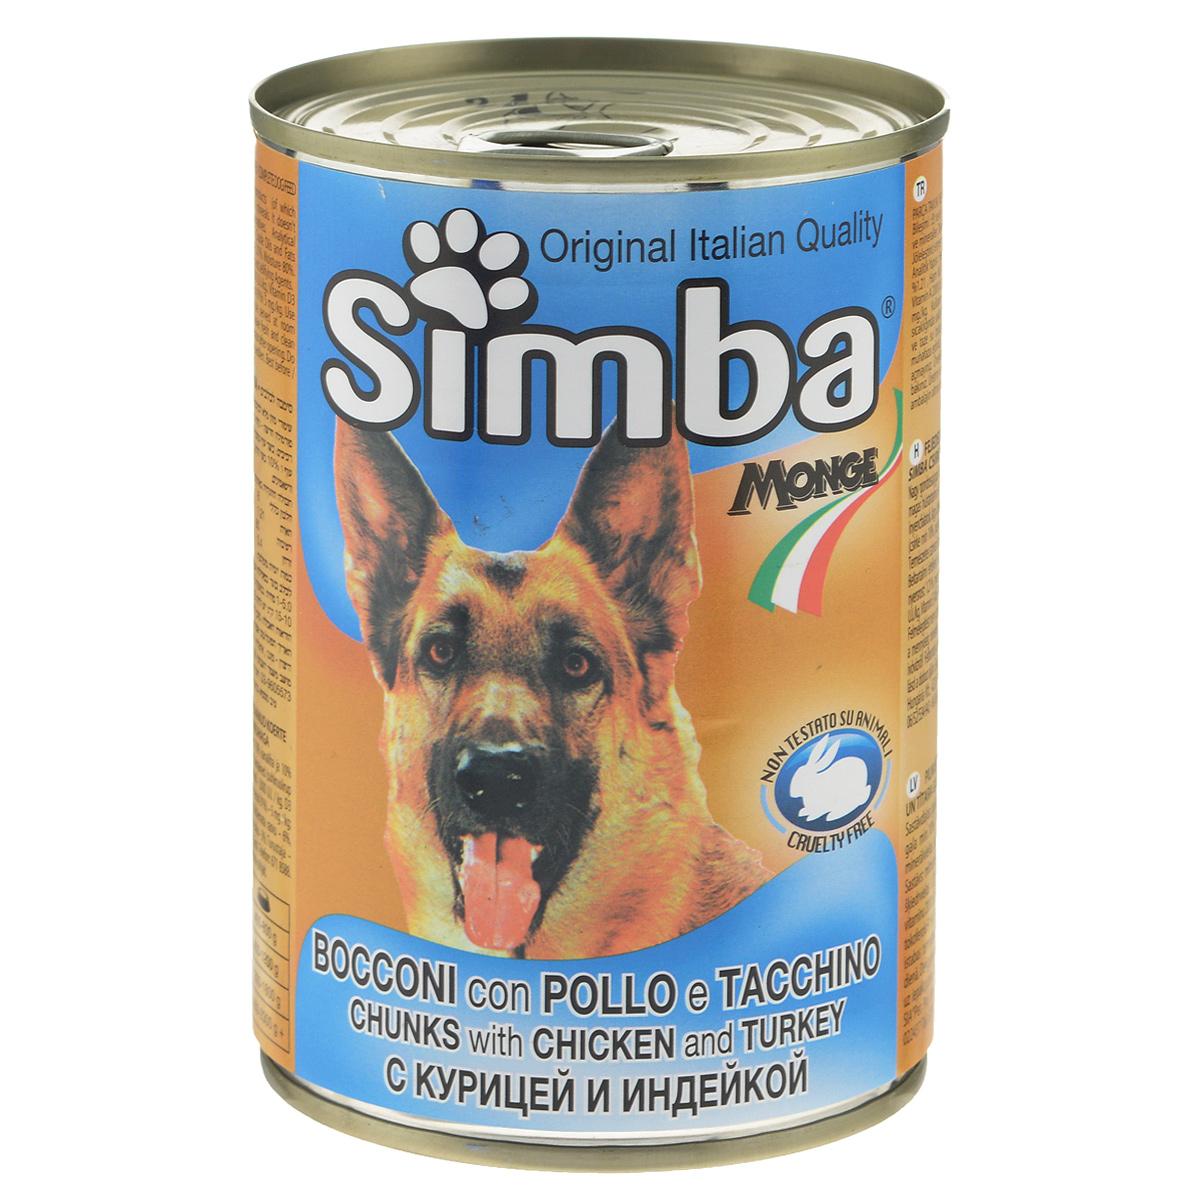 Консервы для собак Monge Simba, кусочки с курицей и индейкой, 415 г70009027Консервы для собак Monge Simba - это полноценный сбалансированный корм для собак. Кусочки с курицей и индейкой в соусе. Ежедневная норма для собаки среднего размера - 800 г. Состав: мясо домашней птицы и мясные субпродукты (цыпленок не менее 14%, индейка не менее 10%), злаки, минеральные вещества, витамины, натуральные красители и вкусовые добавки. Анализ компонентов: протеин 8%, жир 6%, клетчатка 1,21%, зола 3%, влажность 80%. Витамины и добавки на 1 кг: витамин А 2000 МЕ, витамин D3 200 МЕ, витамин Е 5 мг. Товар сертифицирован.